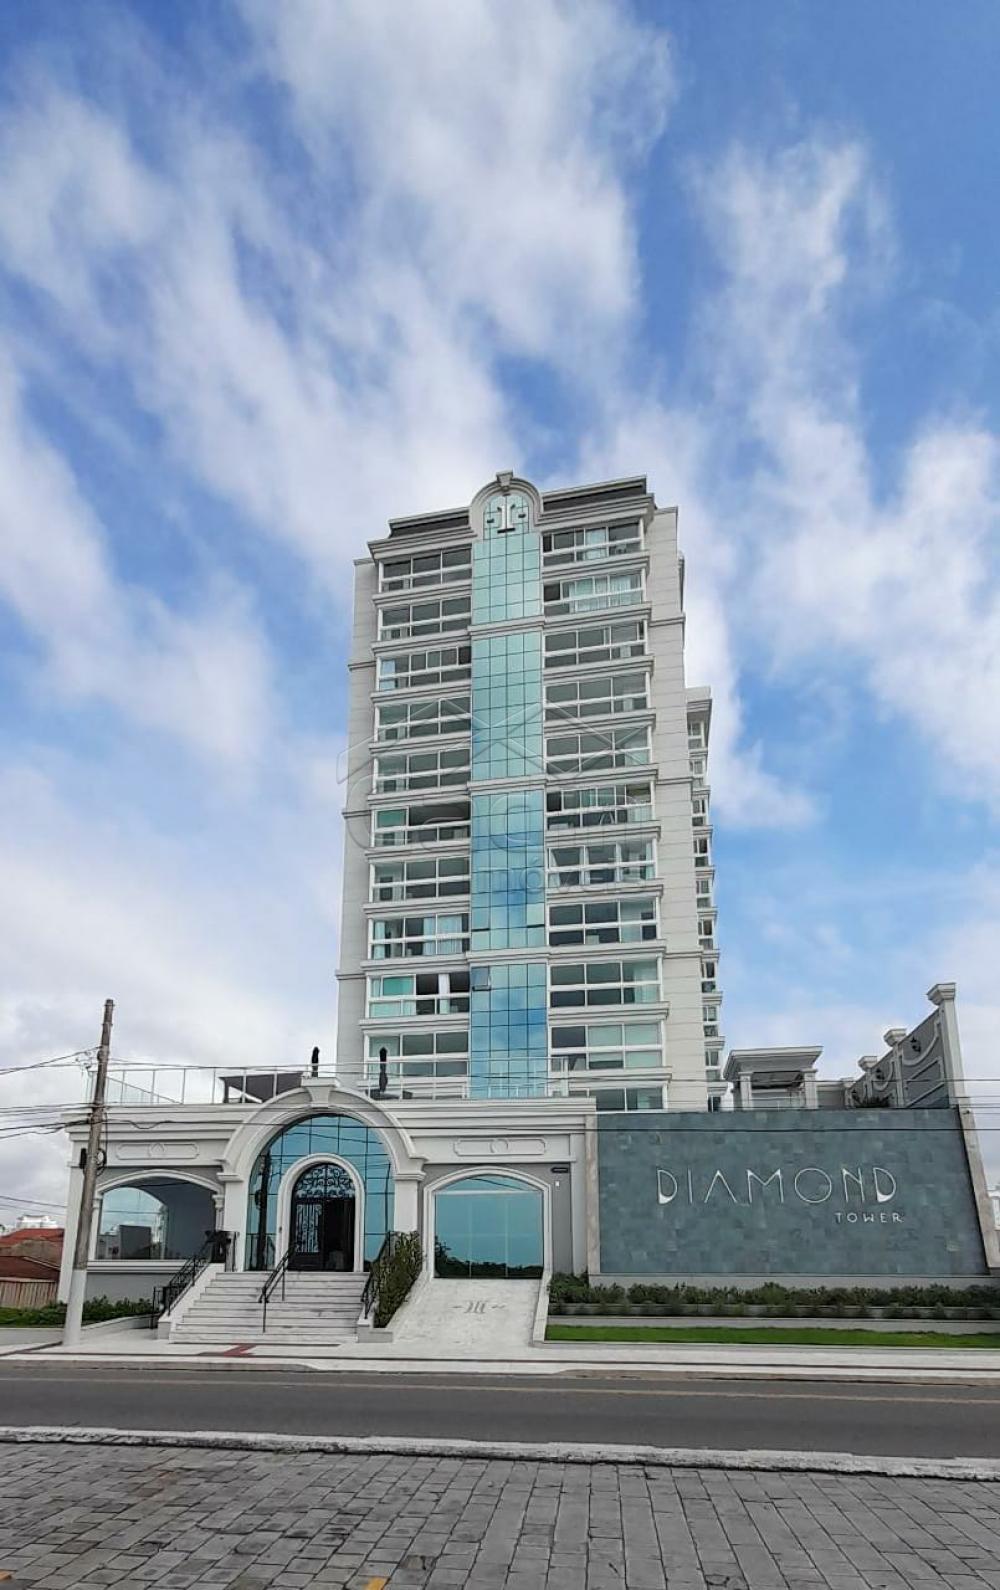 Alugar Apartamento / Padrão em Navegantes R$ 3.500,00 - Foto 1